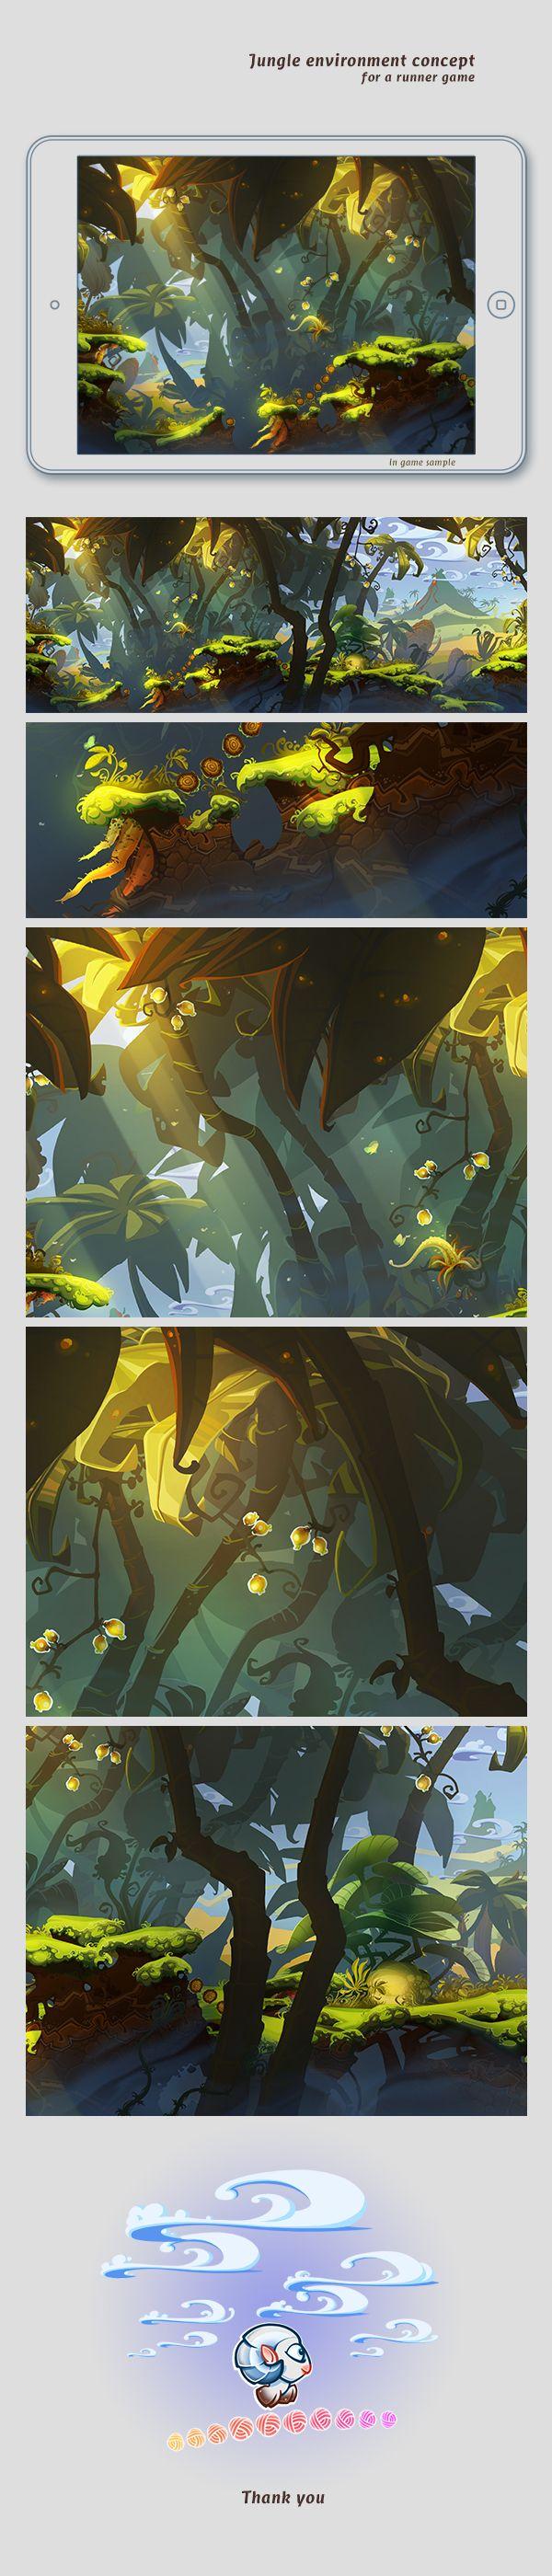 Jungle environment concept by Adrian Andreias, via Behance